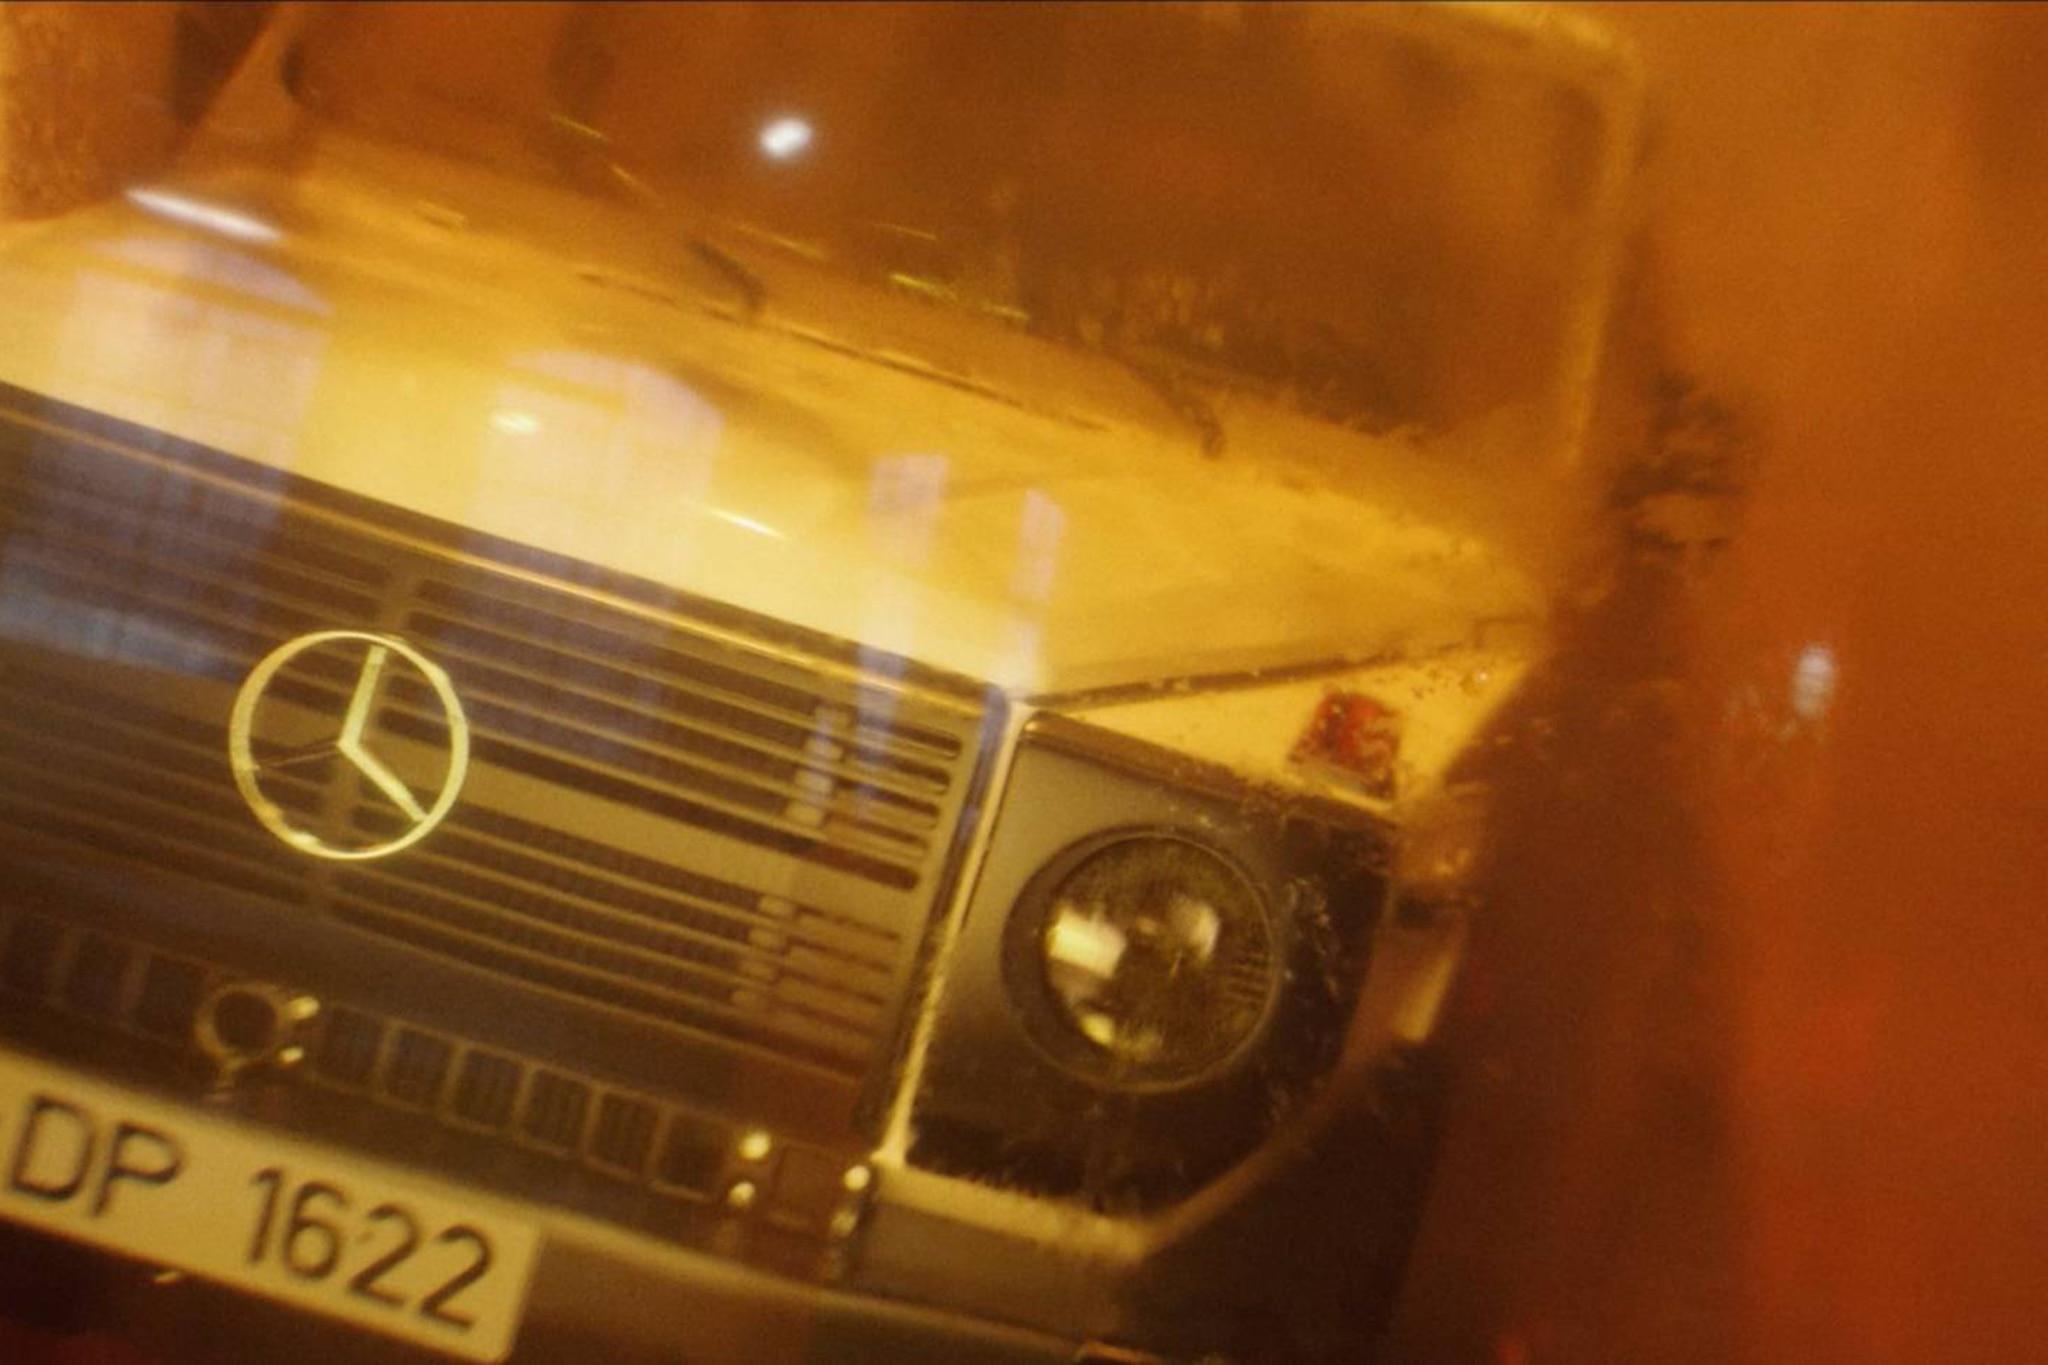 2019 Mercedes Benz G Class Teaser Video